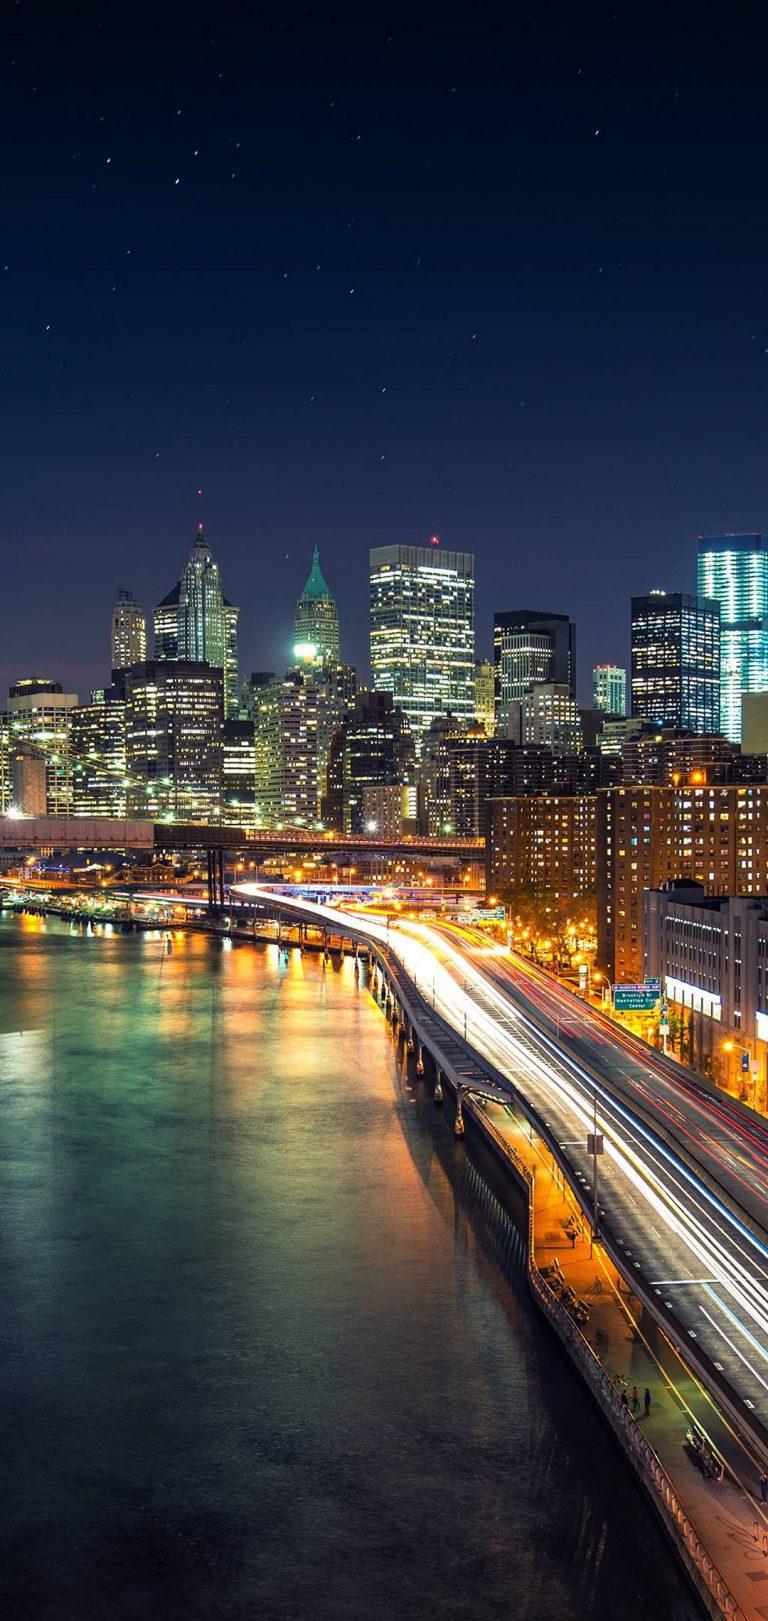 City Night Raod Wallpaper 1080x2280 768x1621